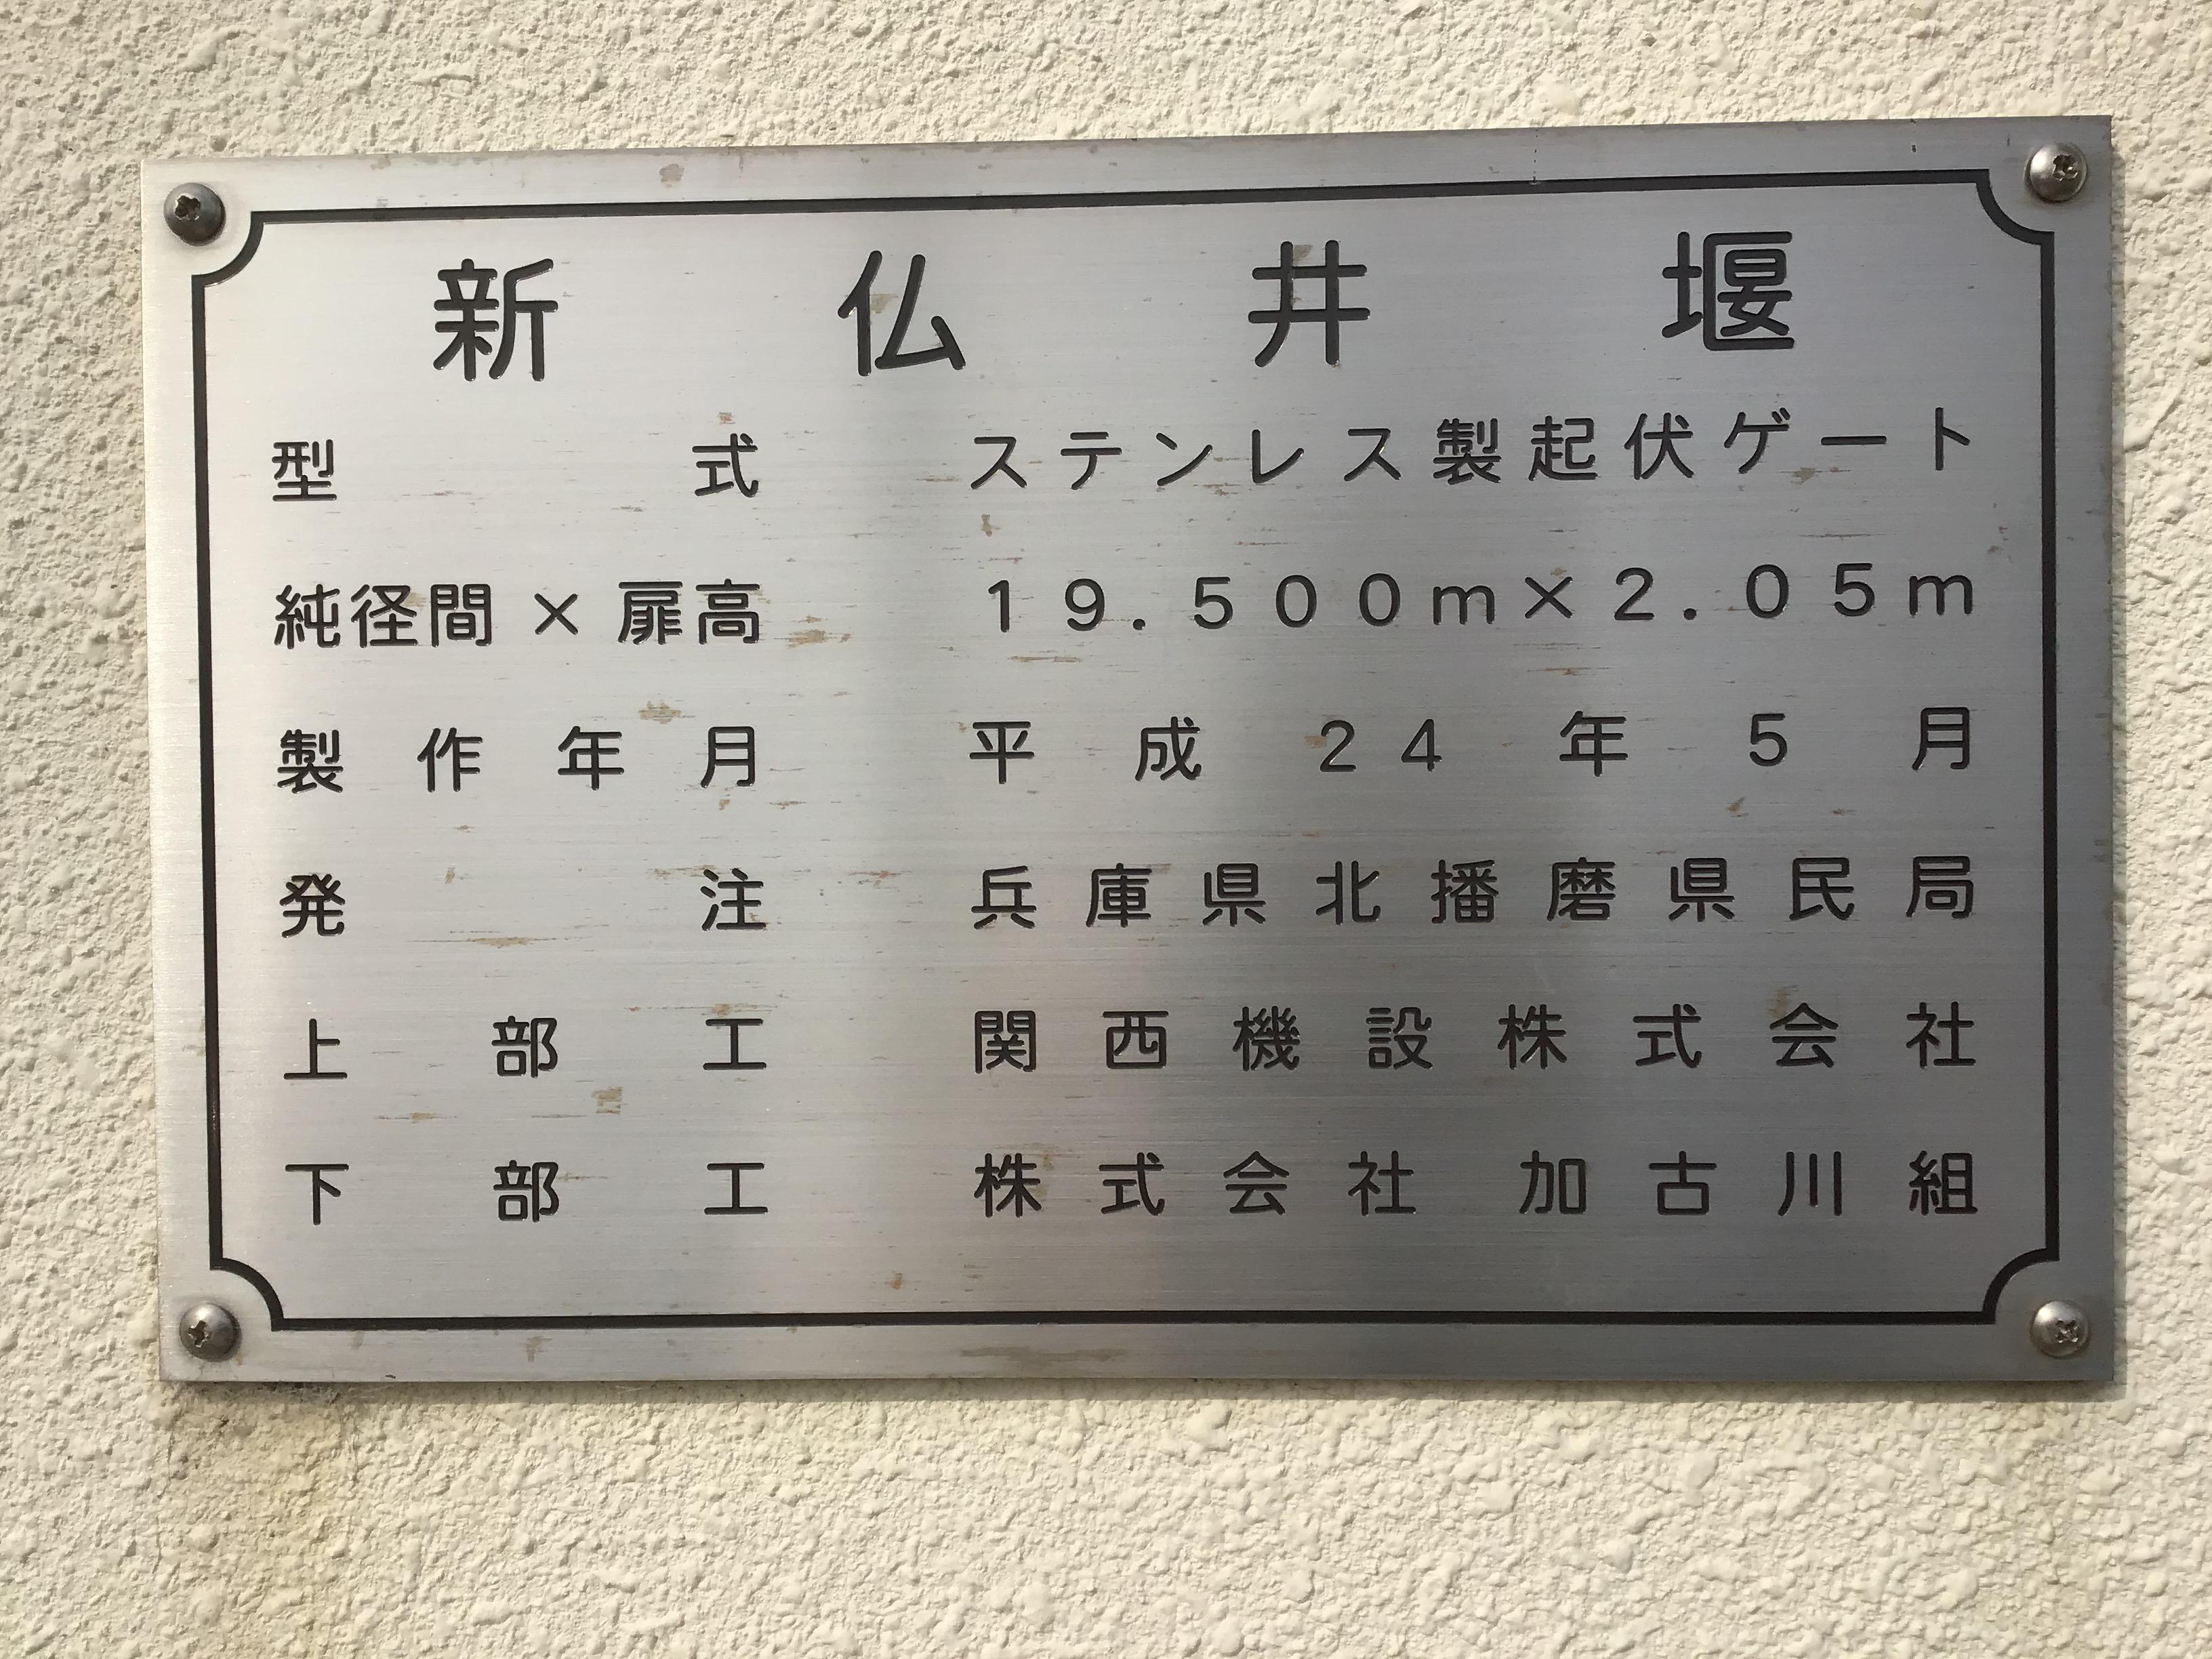 【参考】井堰の幅が19.5m、高さ2.05m